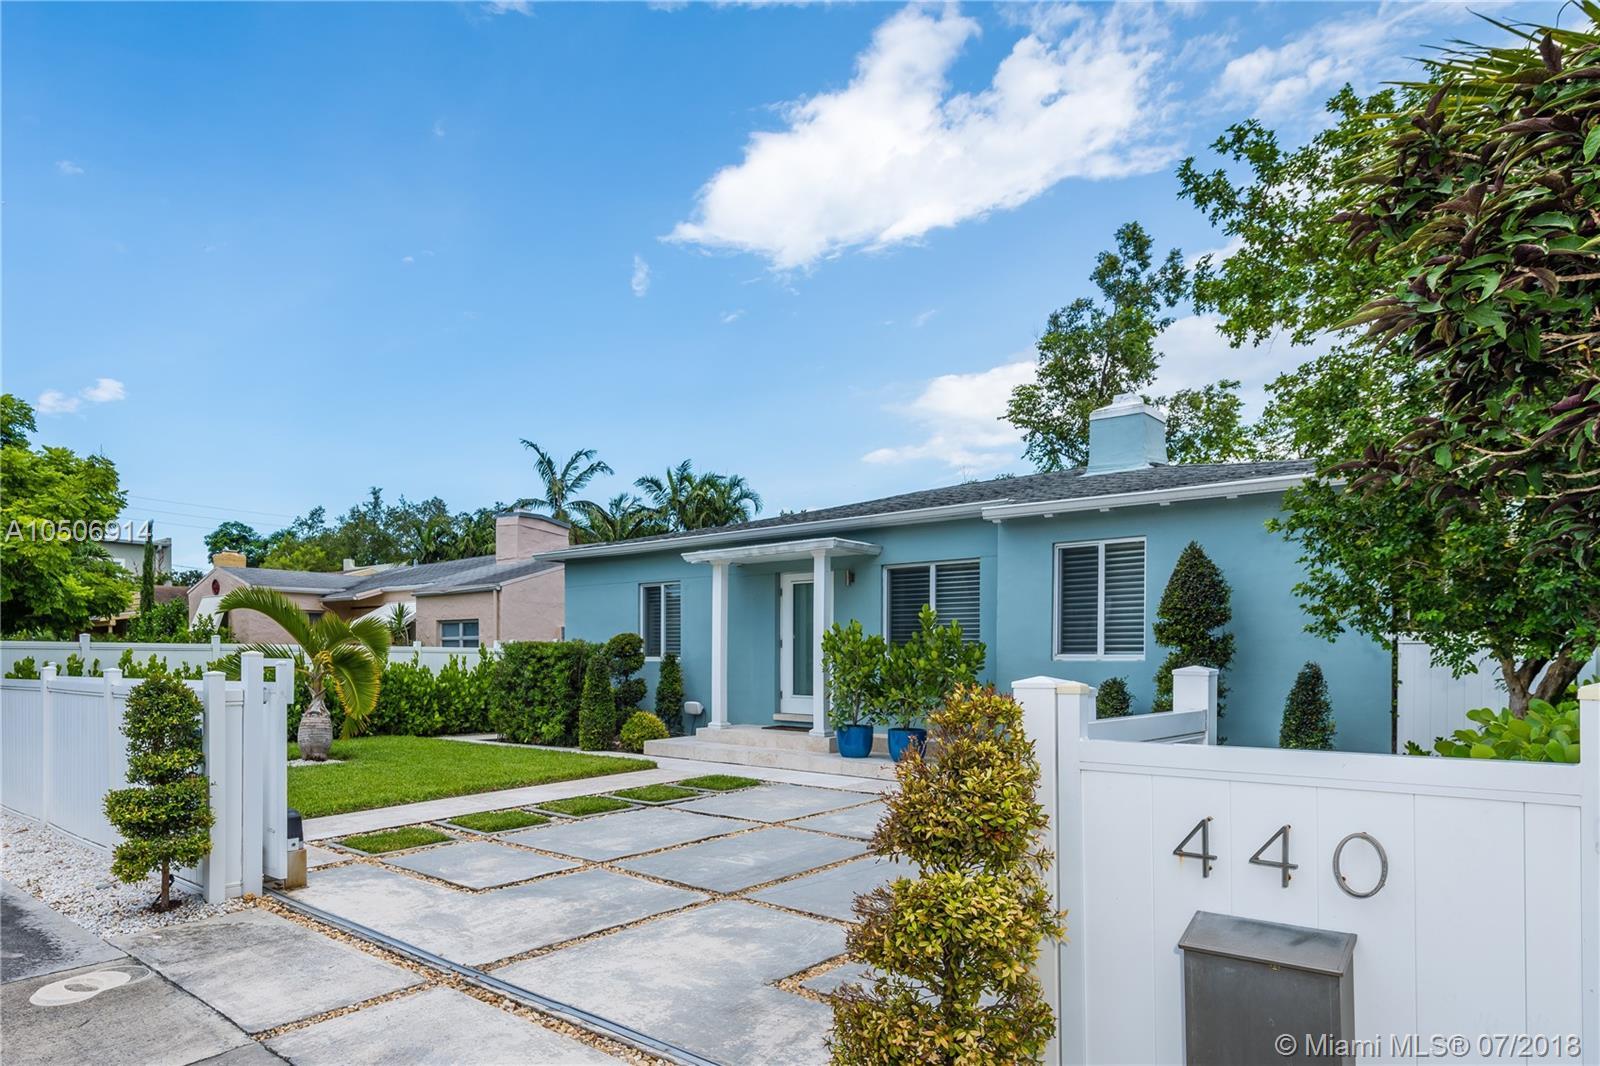 440 Ne 73rd St, Miami FL, 33138